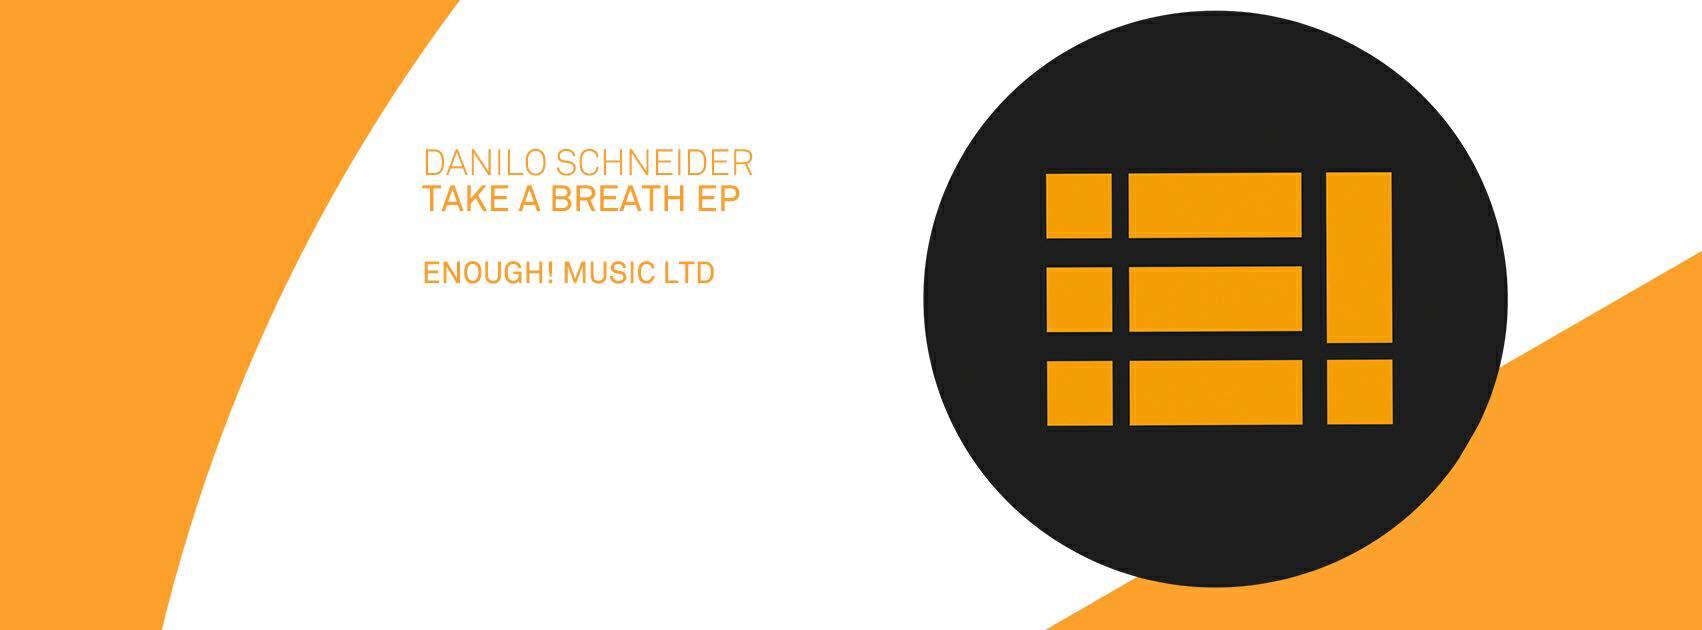 Take a Breath EP by Danilo Schneider